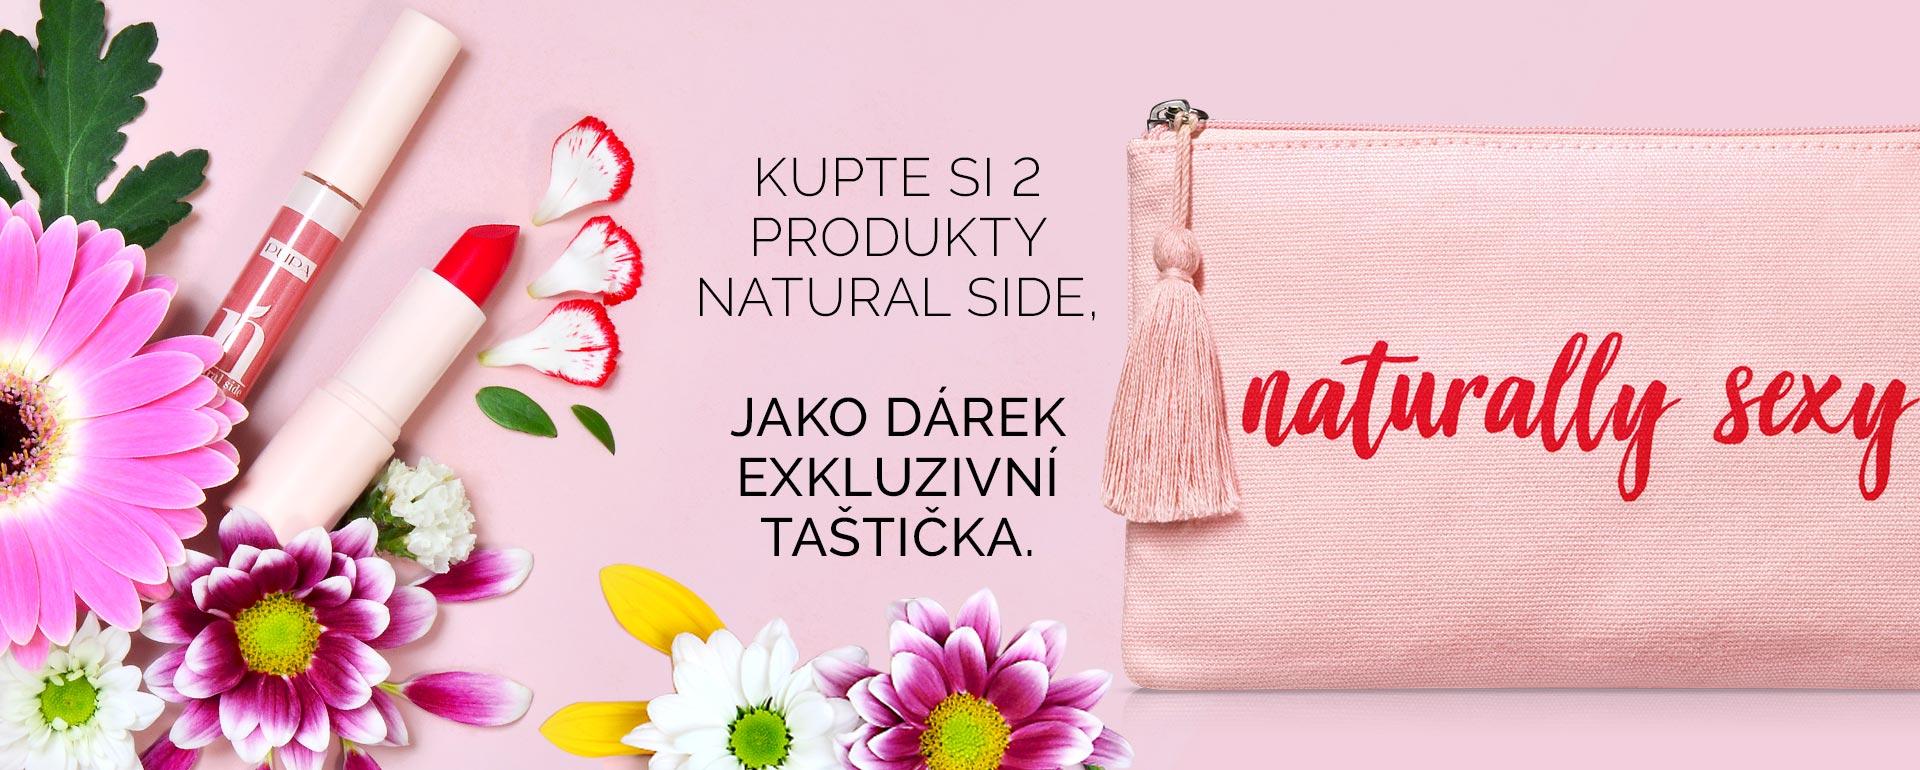 Natural side- PUPA Milano